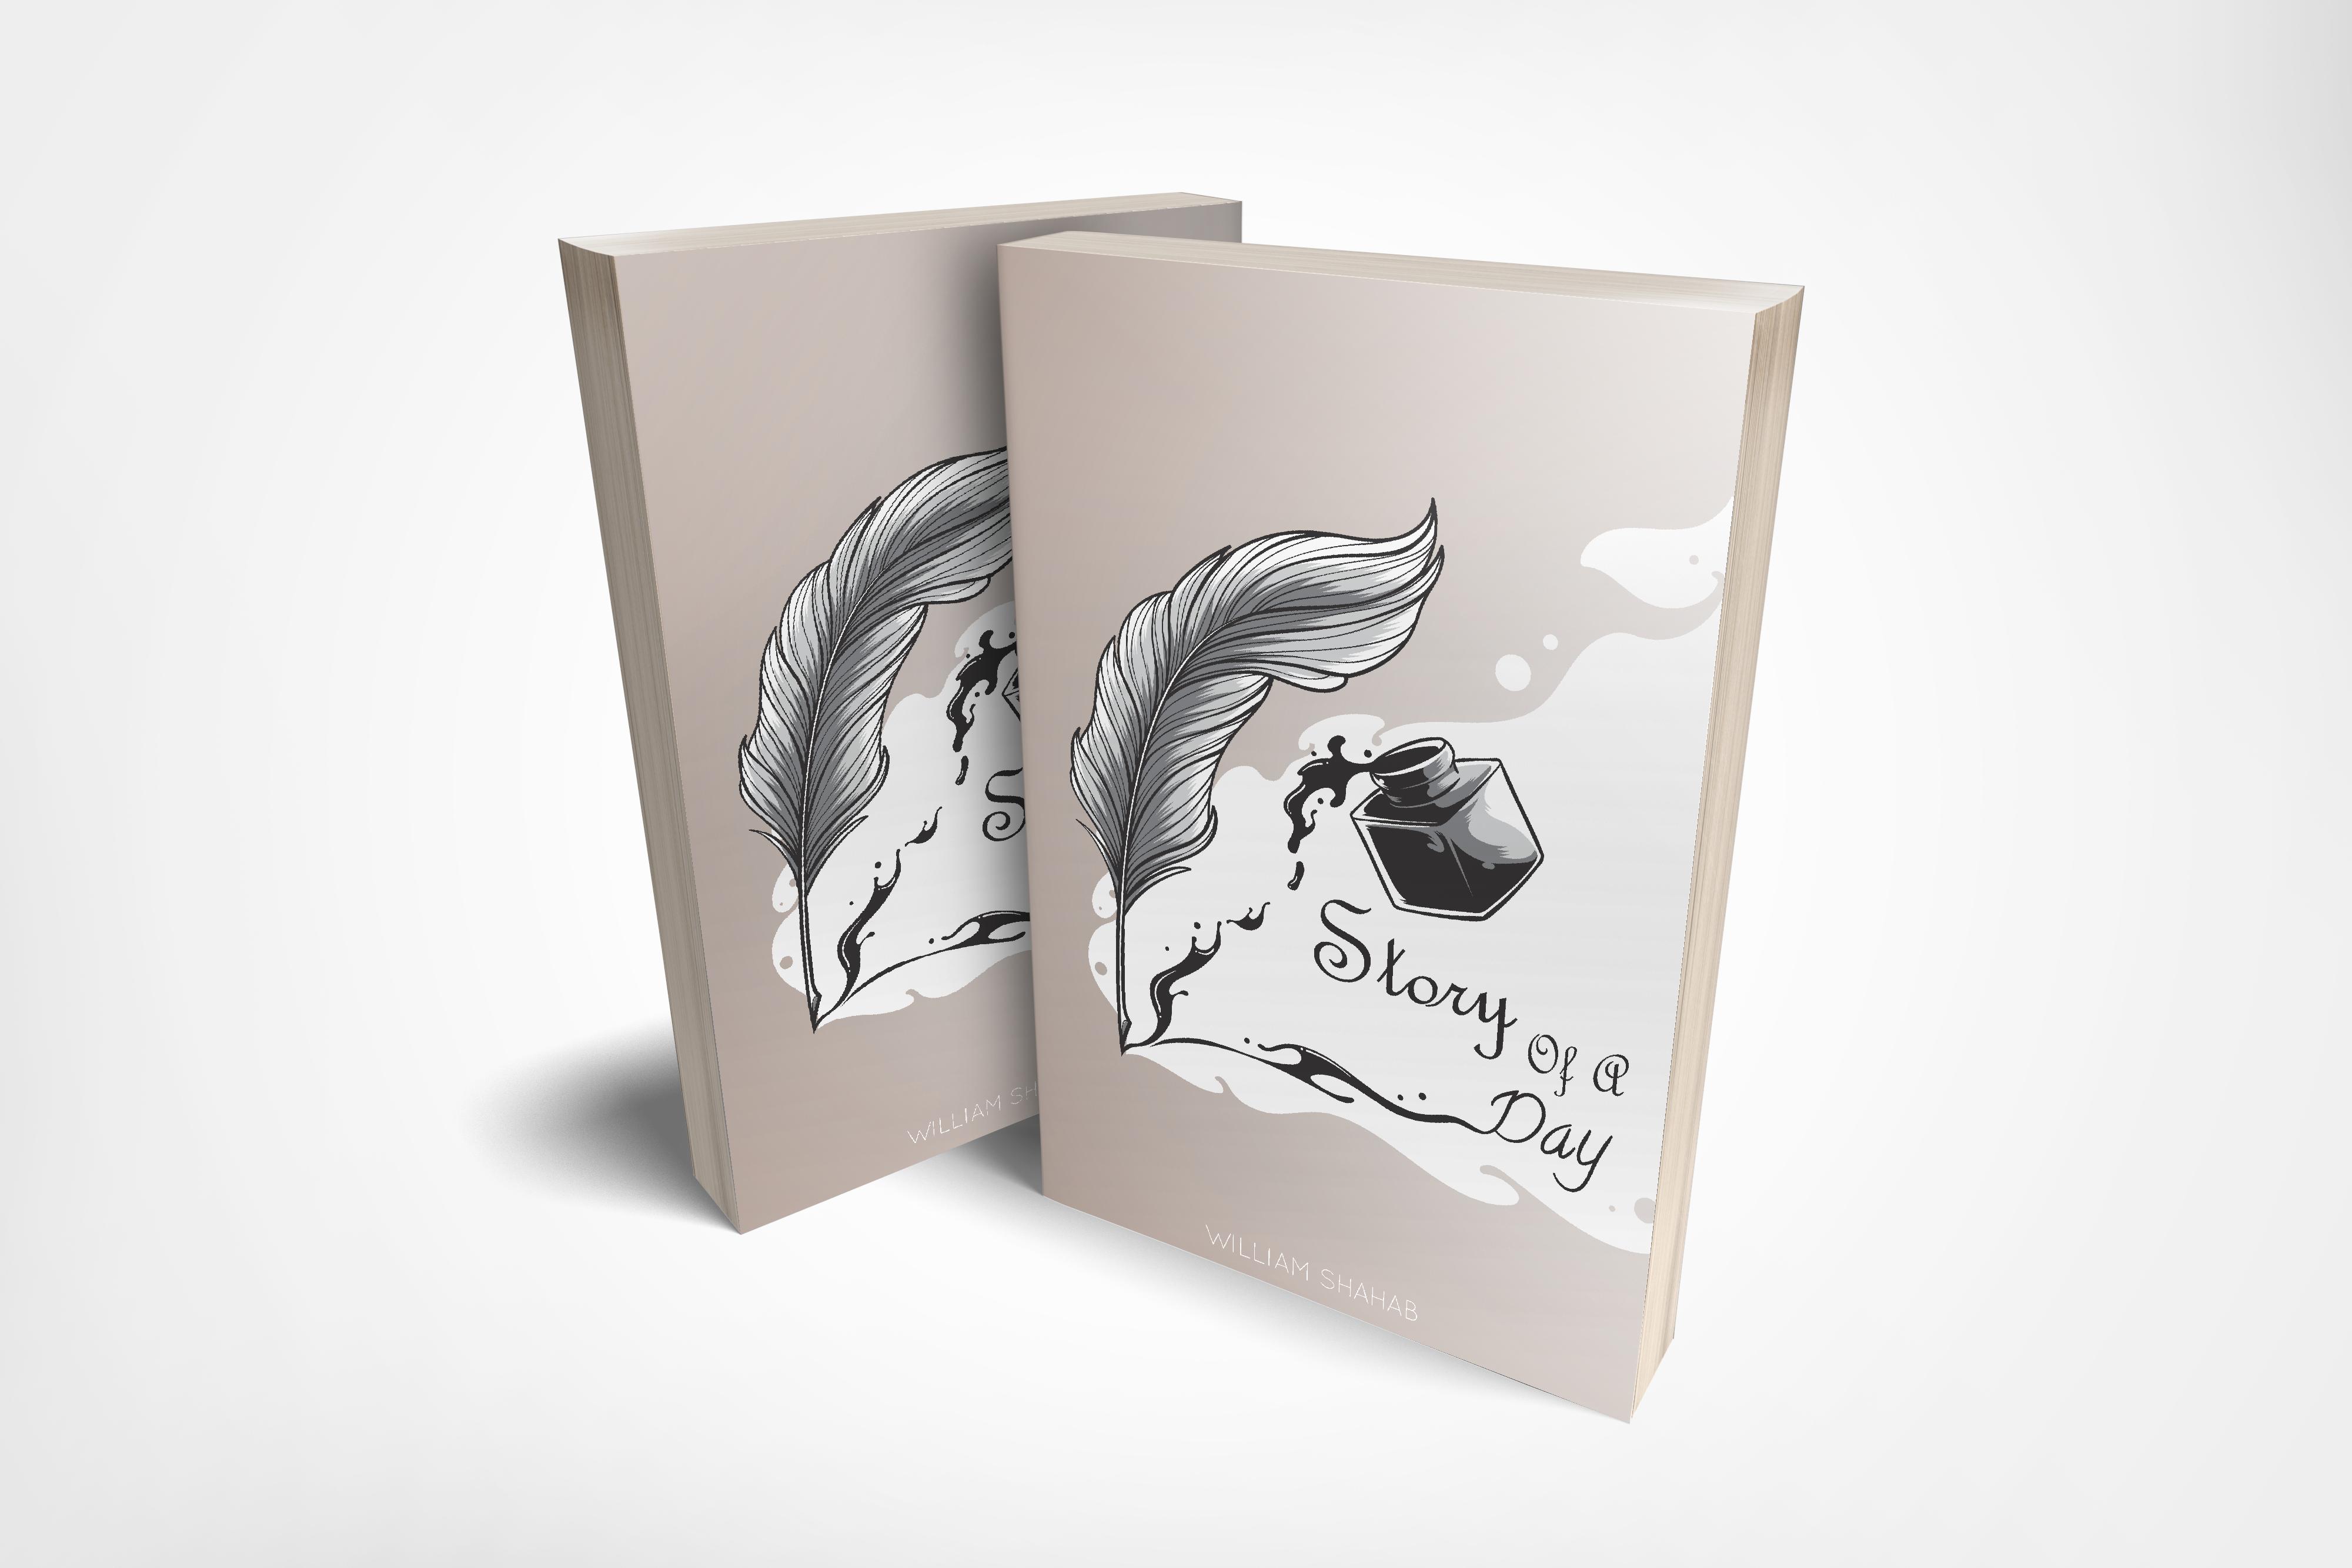 Design Elegant And Clean Book Cover Design